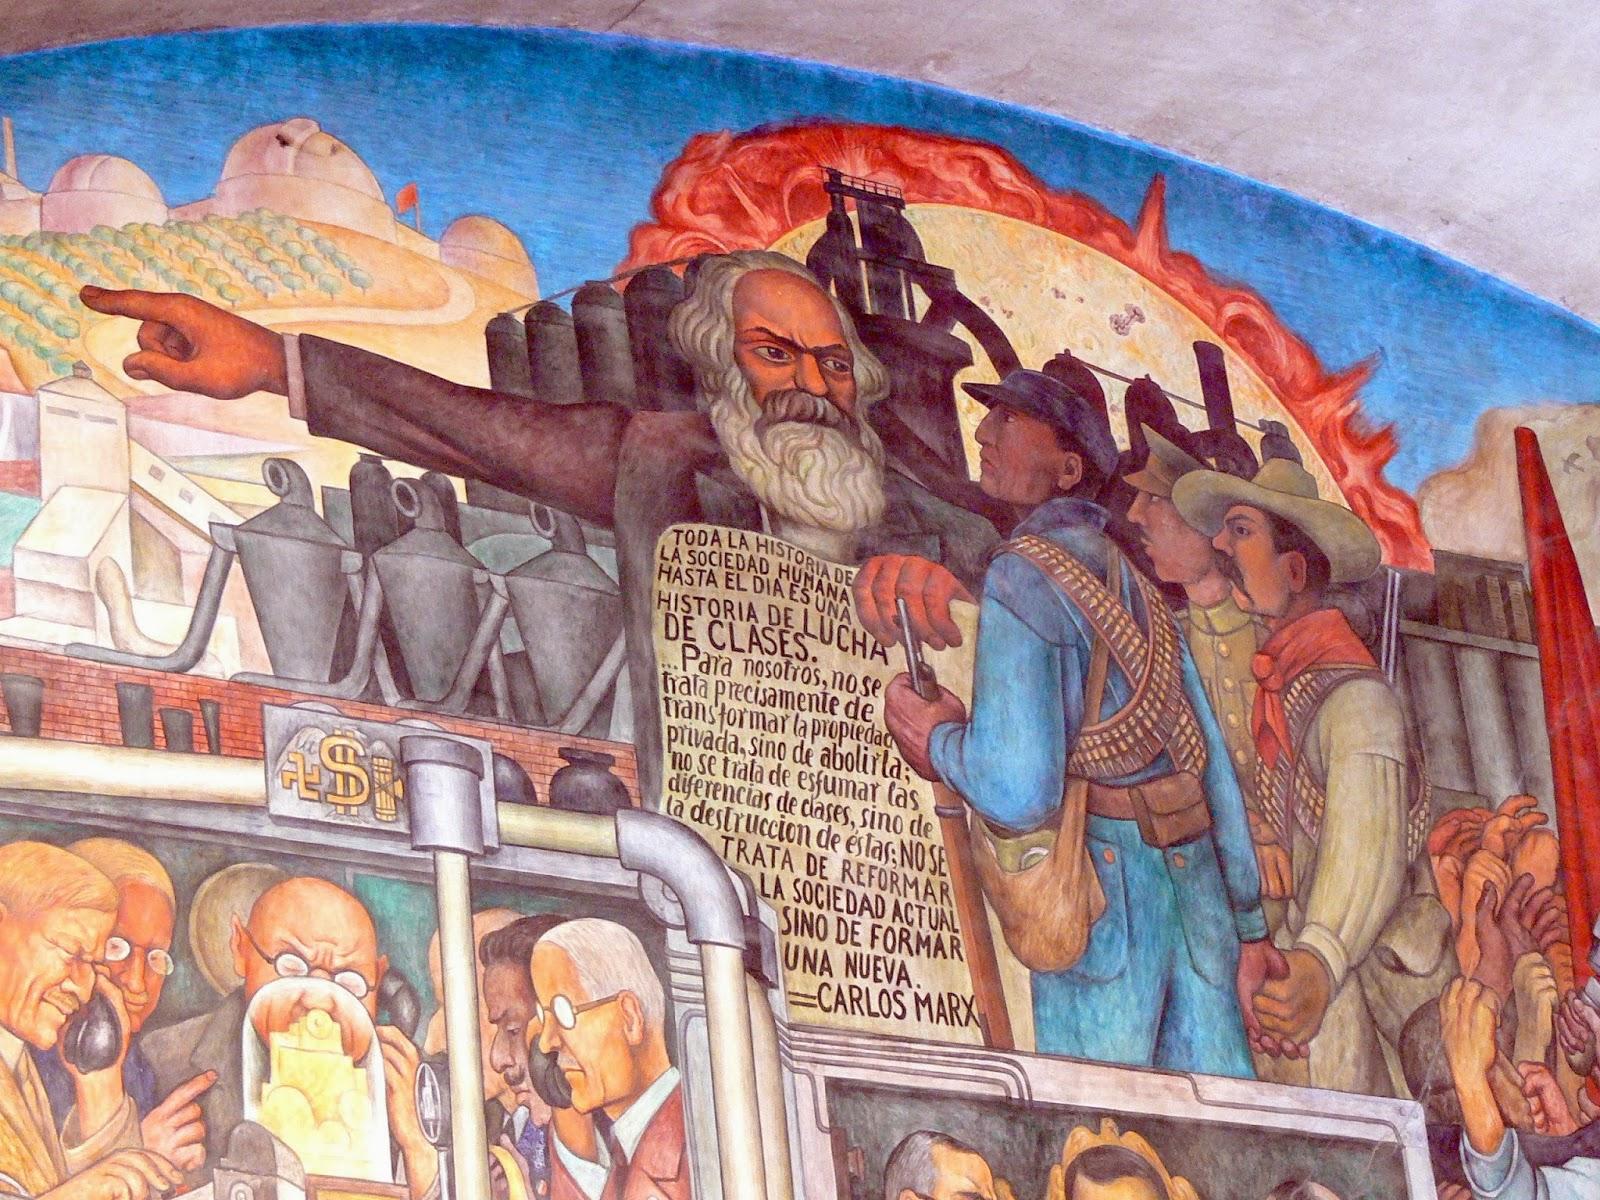 Ngara marx karl marx en m xico entre la revoluci n y for Caracteristicas de un mural